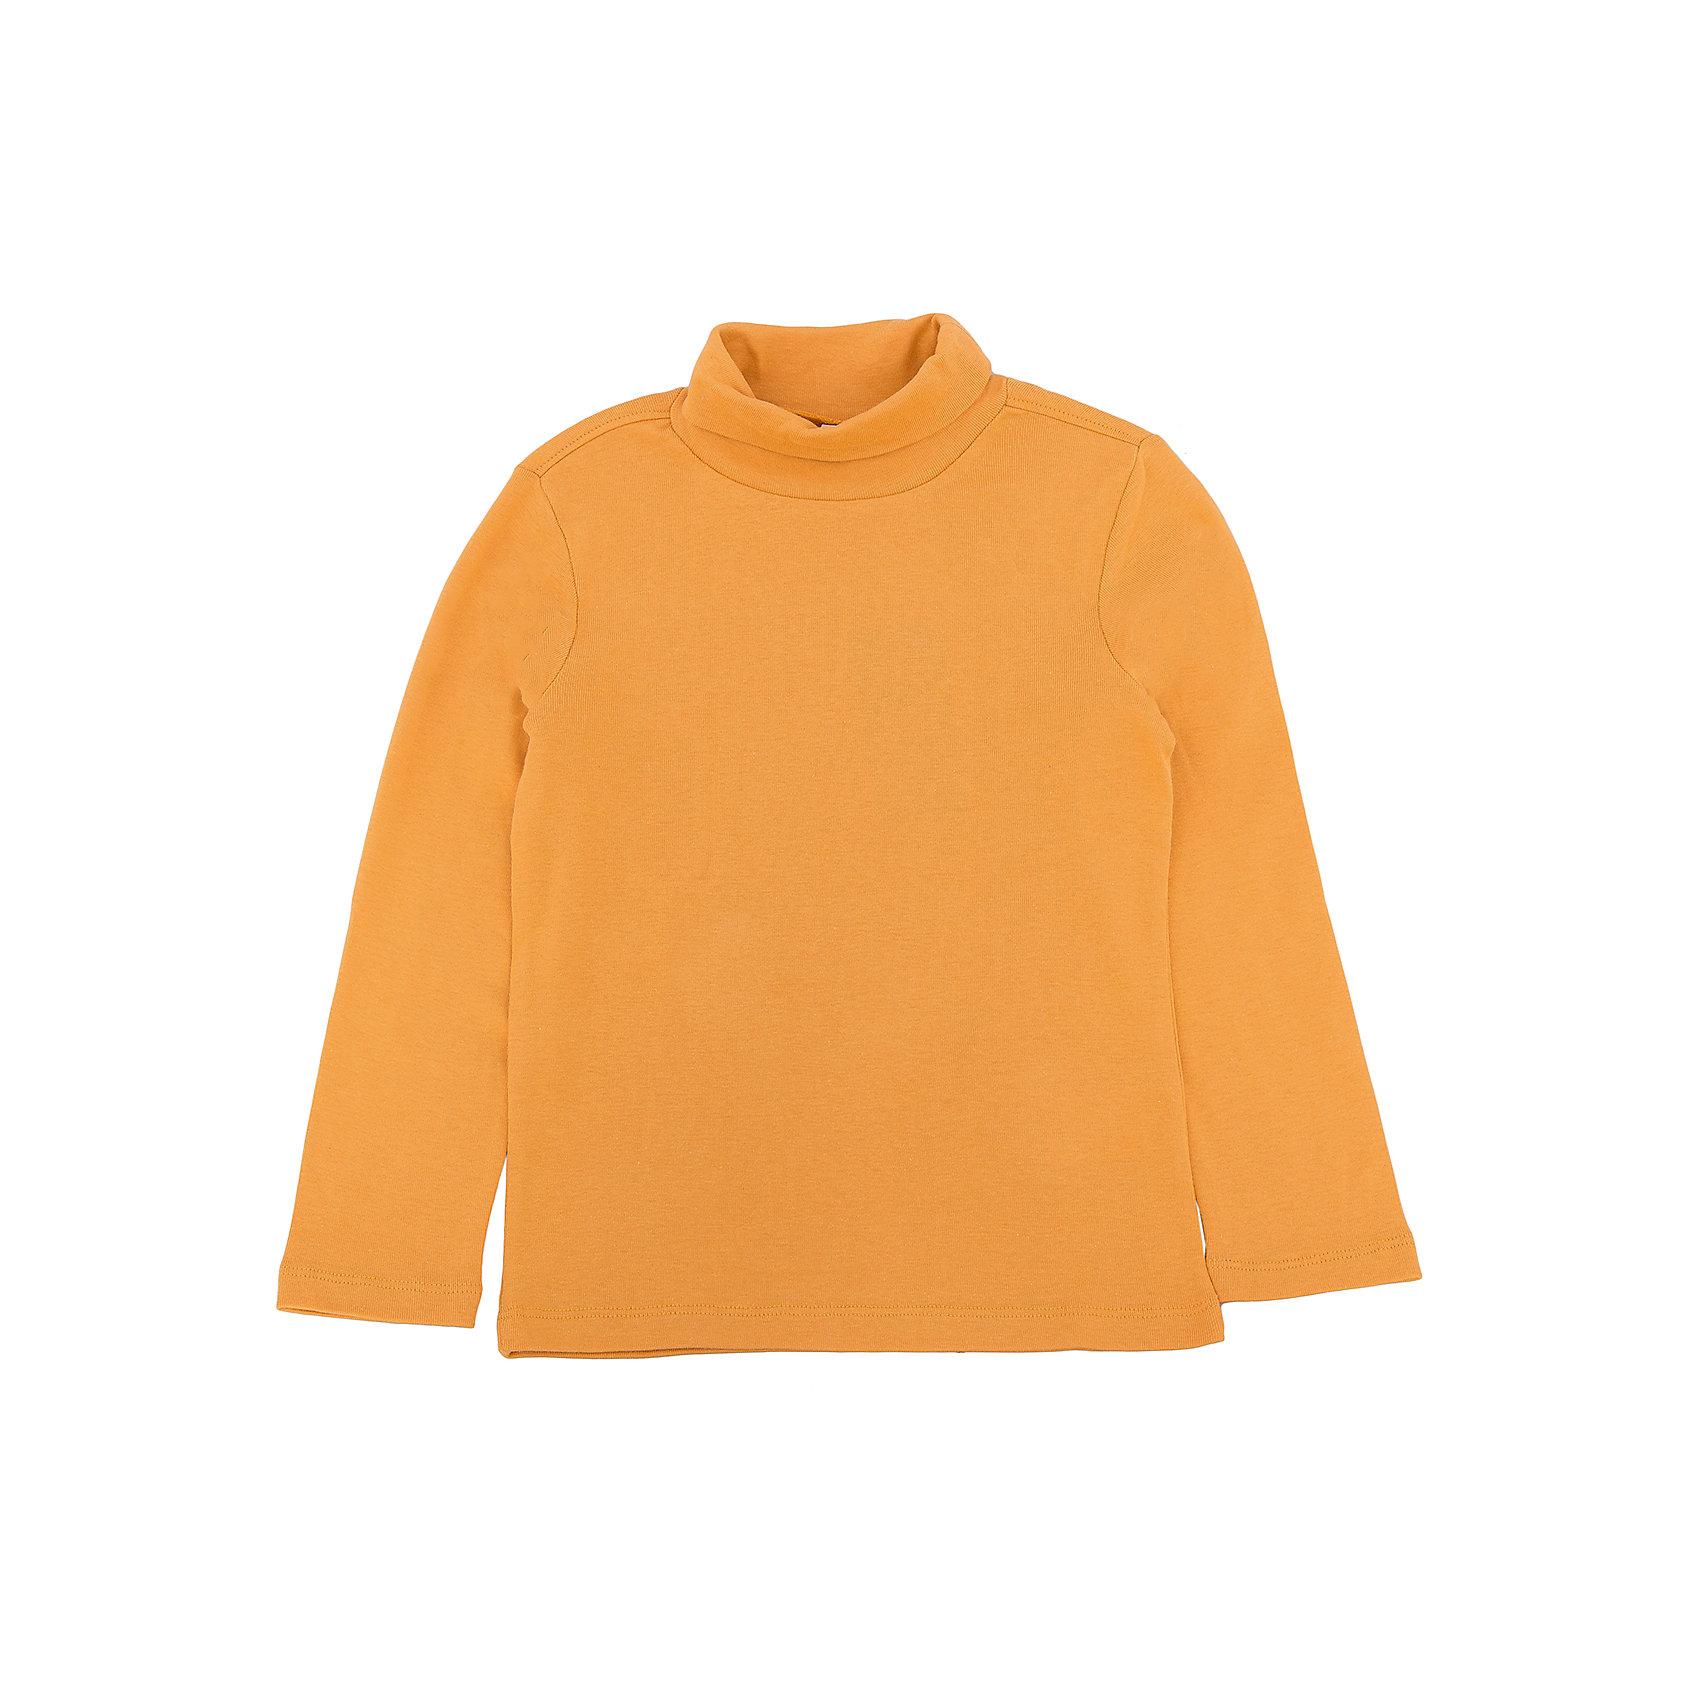 Водолазка для мальчикаВодолазка для мальчика из коллекции осень-зима 2016-2017 от известного бренда SELA. Удобный хлопковый джемпер на каждый день. Приятный ярко-желтый цвет в сочетании с классическим дизайном придет по вкусу вашему ребенку. Джемпер отлично подойдет как к брюкам, так и к джинсам.<br><br>Дополнительная информация:<br>- Рукав: длинный<br>- Силуэт: прямой<br>Состав: 100% хлопок <br><br>Джемпер для мальчиков Sela можно купить в нашем интернет-магазине.<br><br>Подробнее:<br>• Для детей в возрасте: от 2 до 6 лет<br>• Номер товара: 4913562<br>Страна производитель: Багладеш<br><br>Ширина мм: 190<br>Глубина мм: 74<br>Высота мм: 229<br>Вес г: 236<br>Цвет: желтый<br>Возраст от месяцев: 18<br>Возраст до месяцев: 24<br>Пол: Мужской<br>Возраст: Детский<br>Размер: 92,110,98,104,116<br>SKU: 4913561